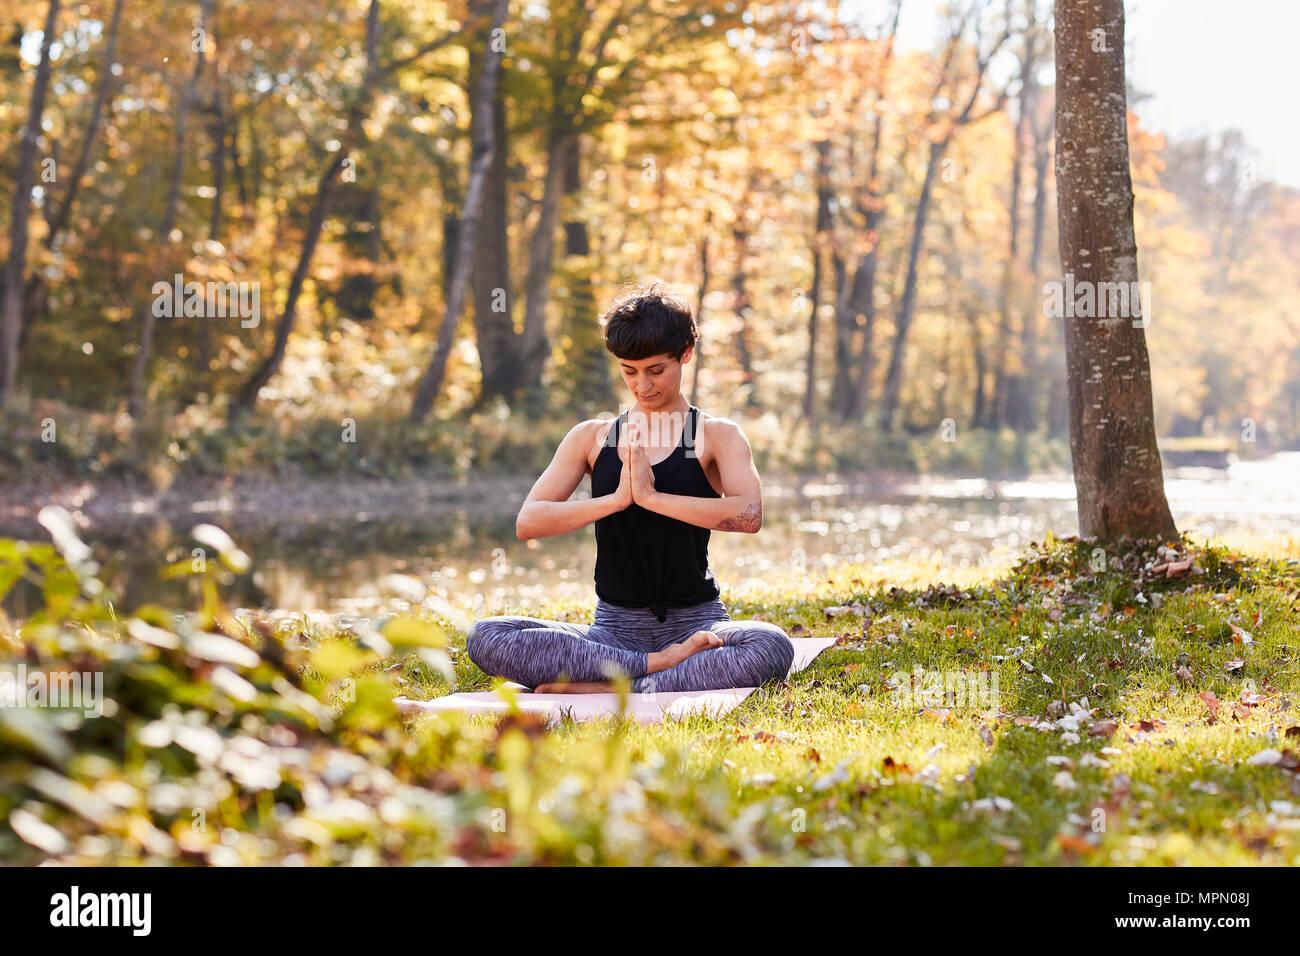 Mitte der erwachsenen Frau im Wald Üben Yoga, Meditation Stockbild